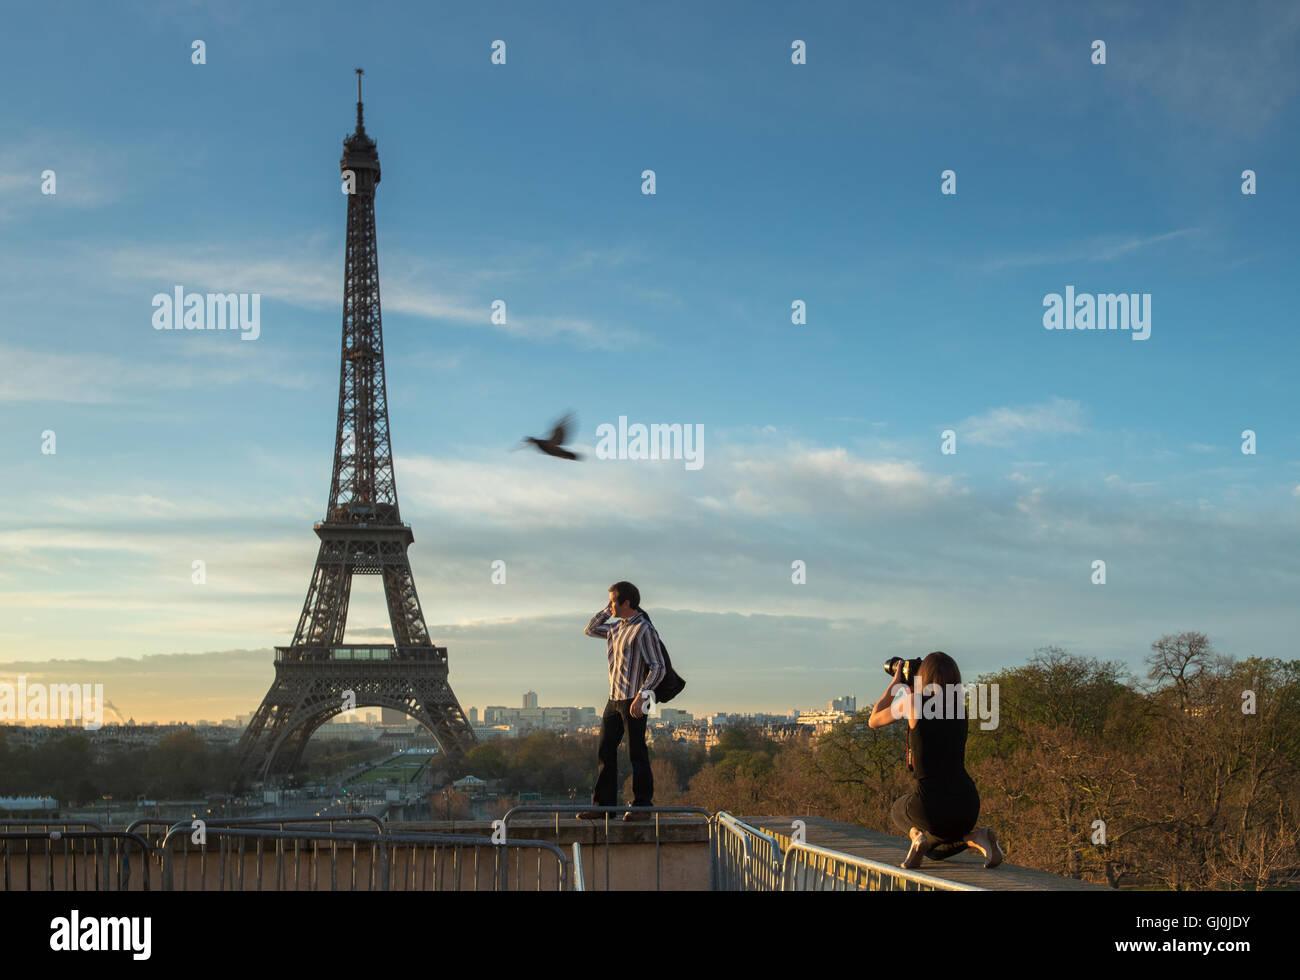 La fotografía de moda y el pájaro en el Palais de Chaillot con la Torre Eiffel como telón de fondo, Imagen De Stock